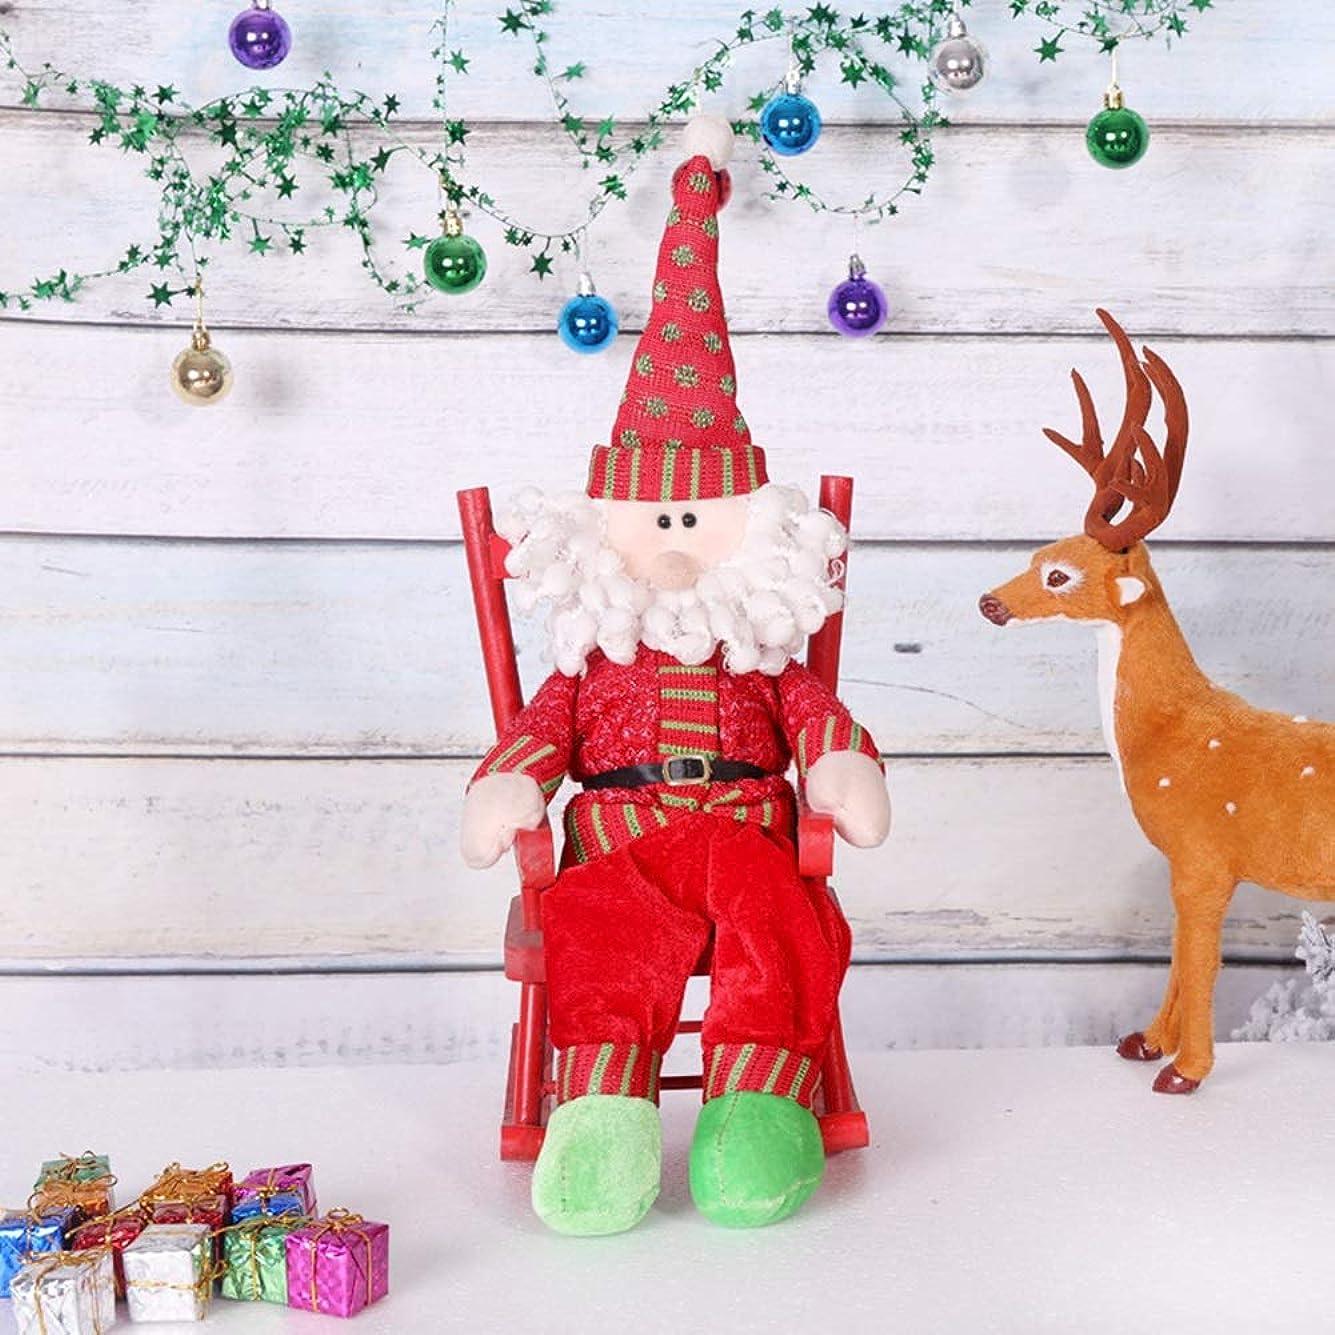 定数司書するだろう装飾、ホームのために絶妙な、ハッピーイヤーギフトをぶら下げクリスマスの飾り、サンタクロース玩具人形クリスマスツリーの装飾